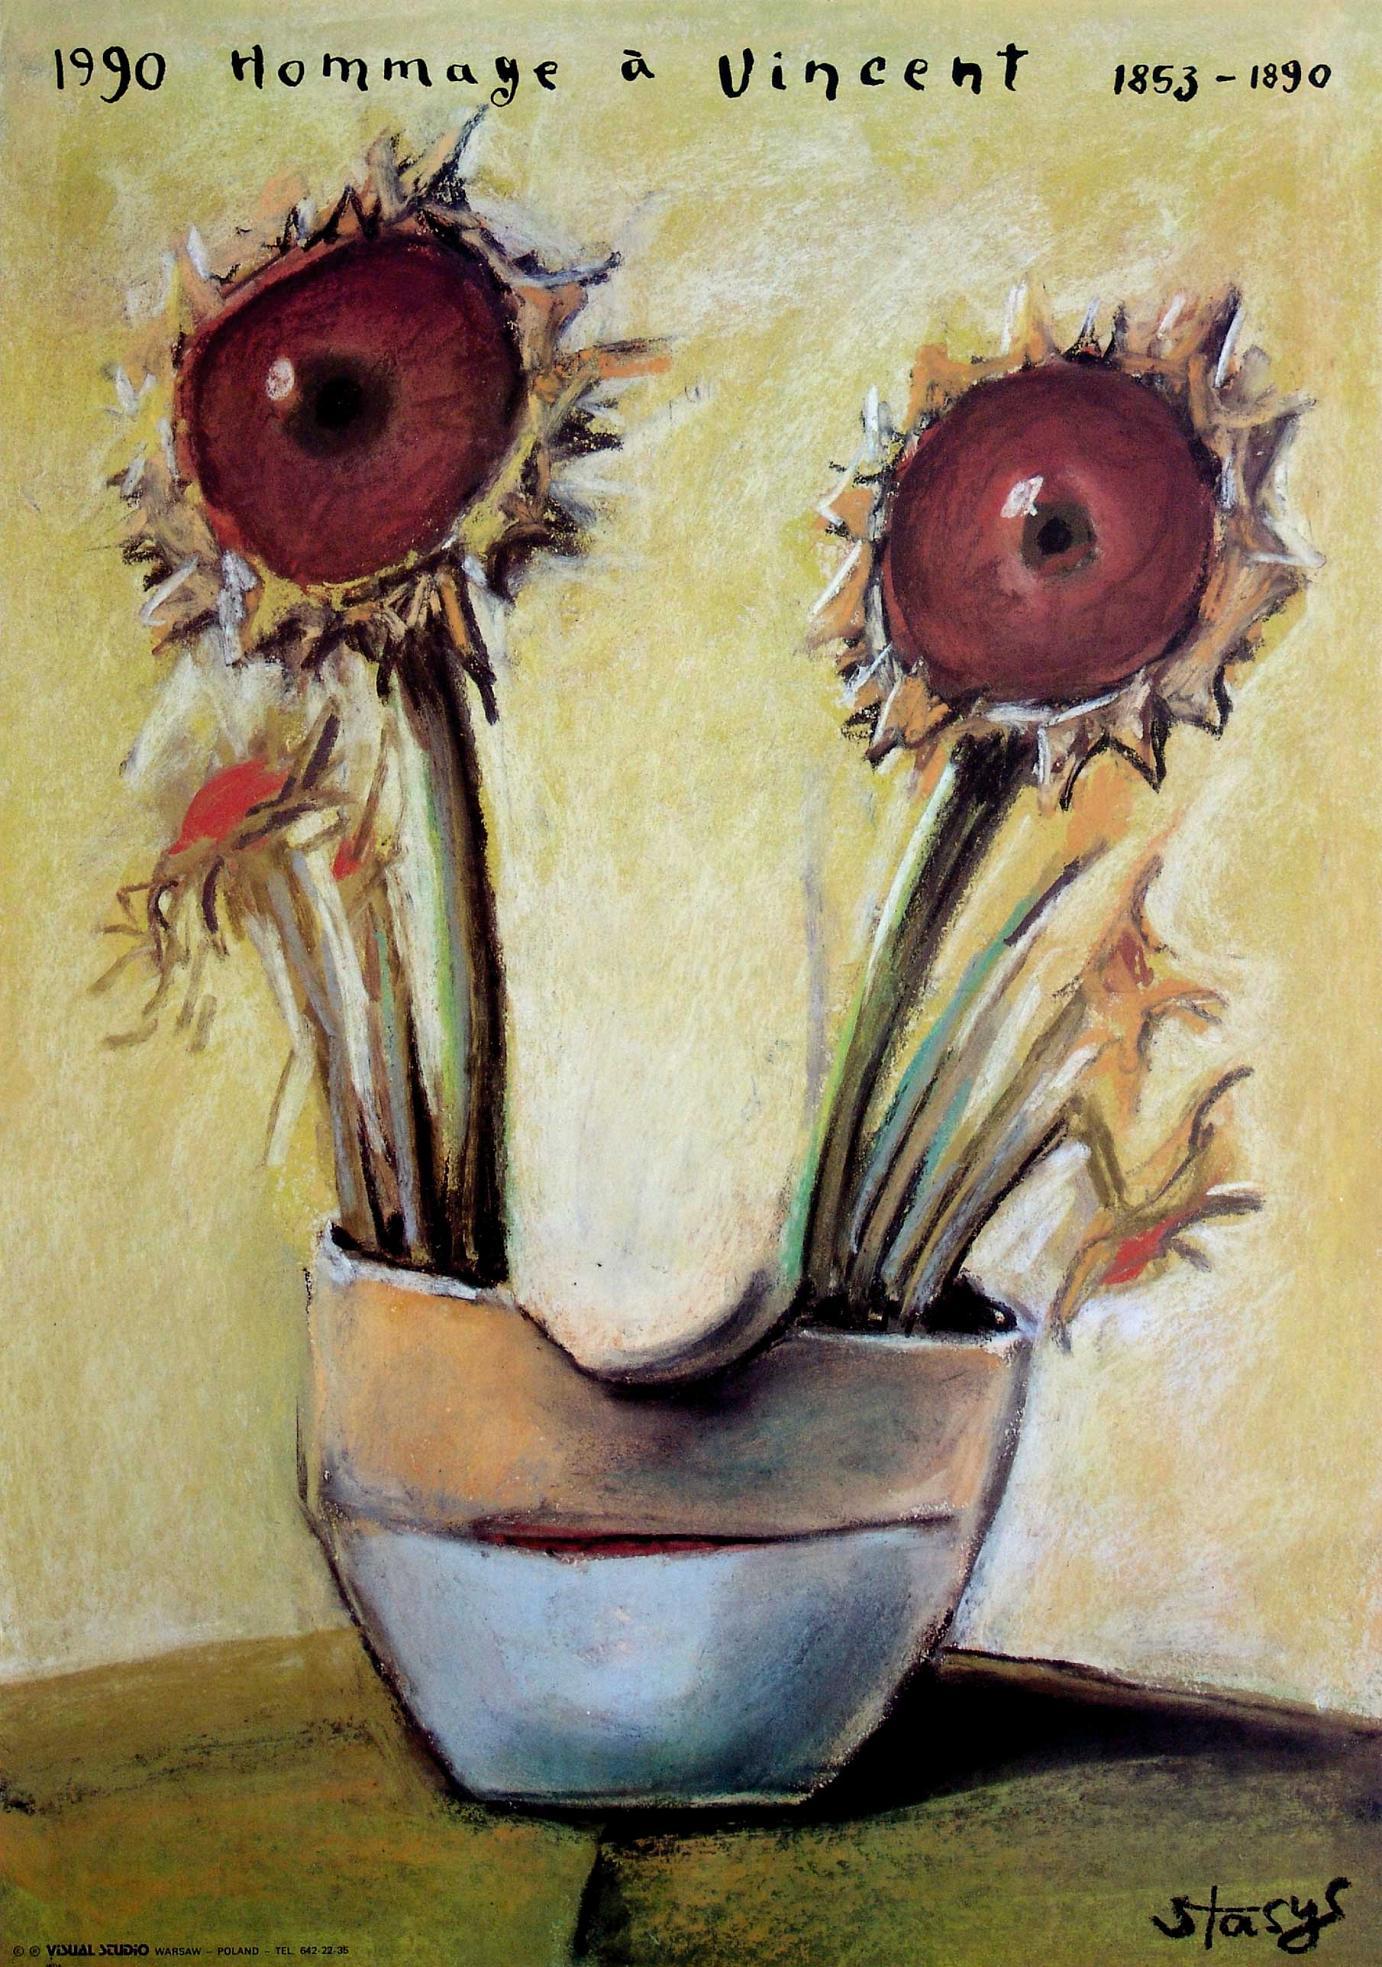 Stasys Eidrigevicius Plakat zum 100. Todestag von Vincent van Gogh 1990